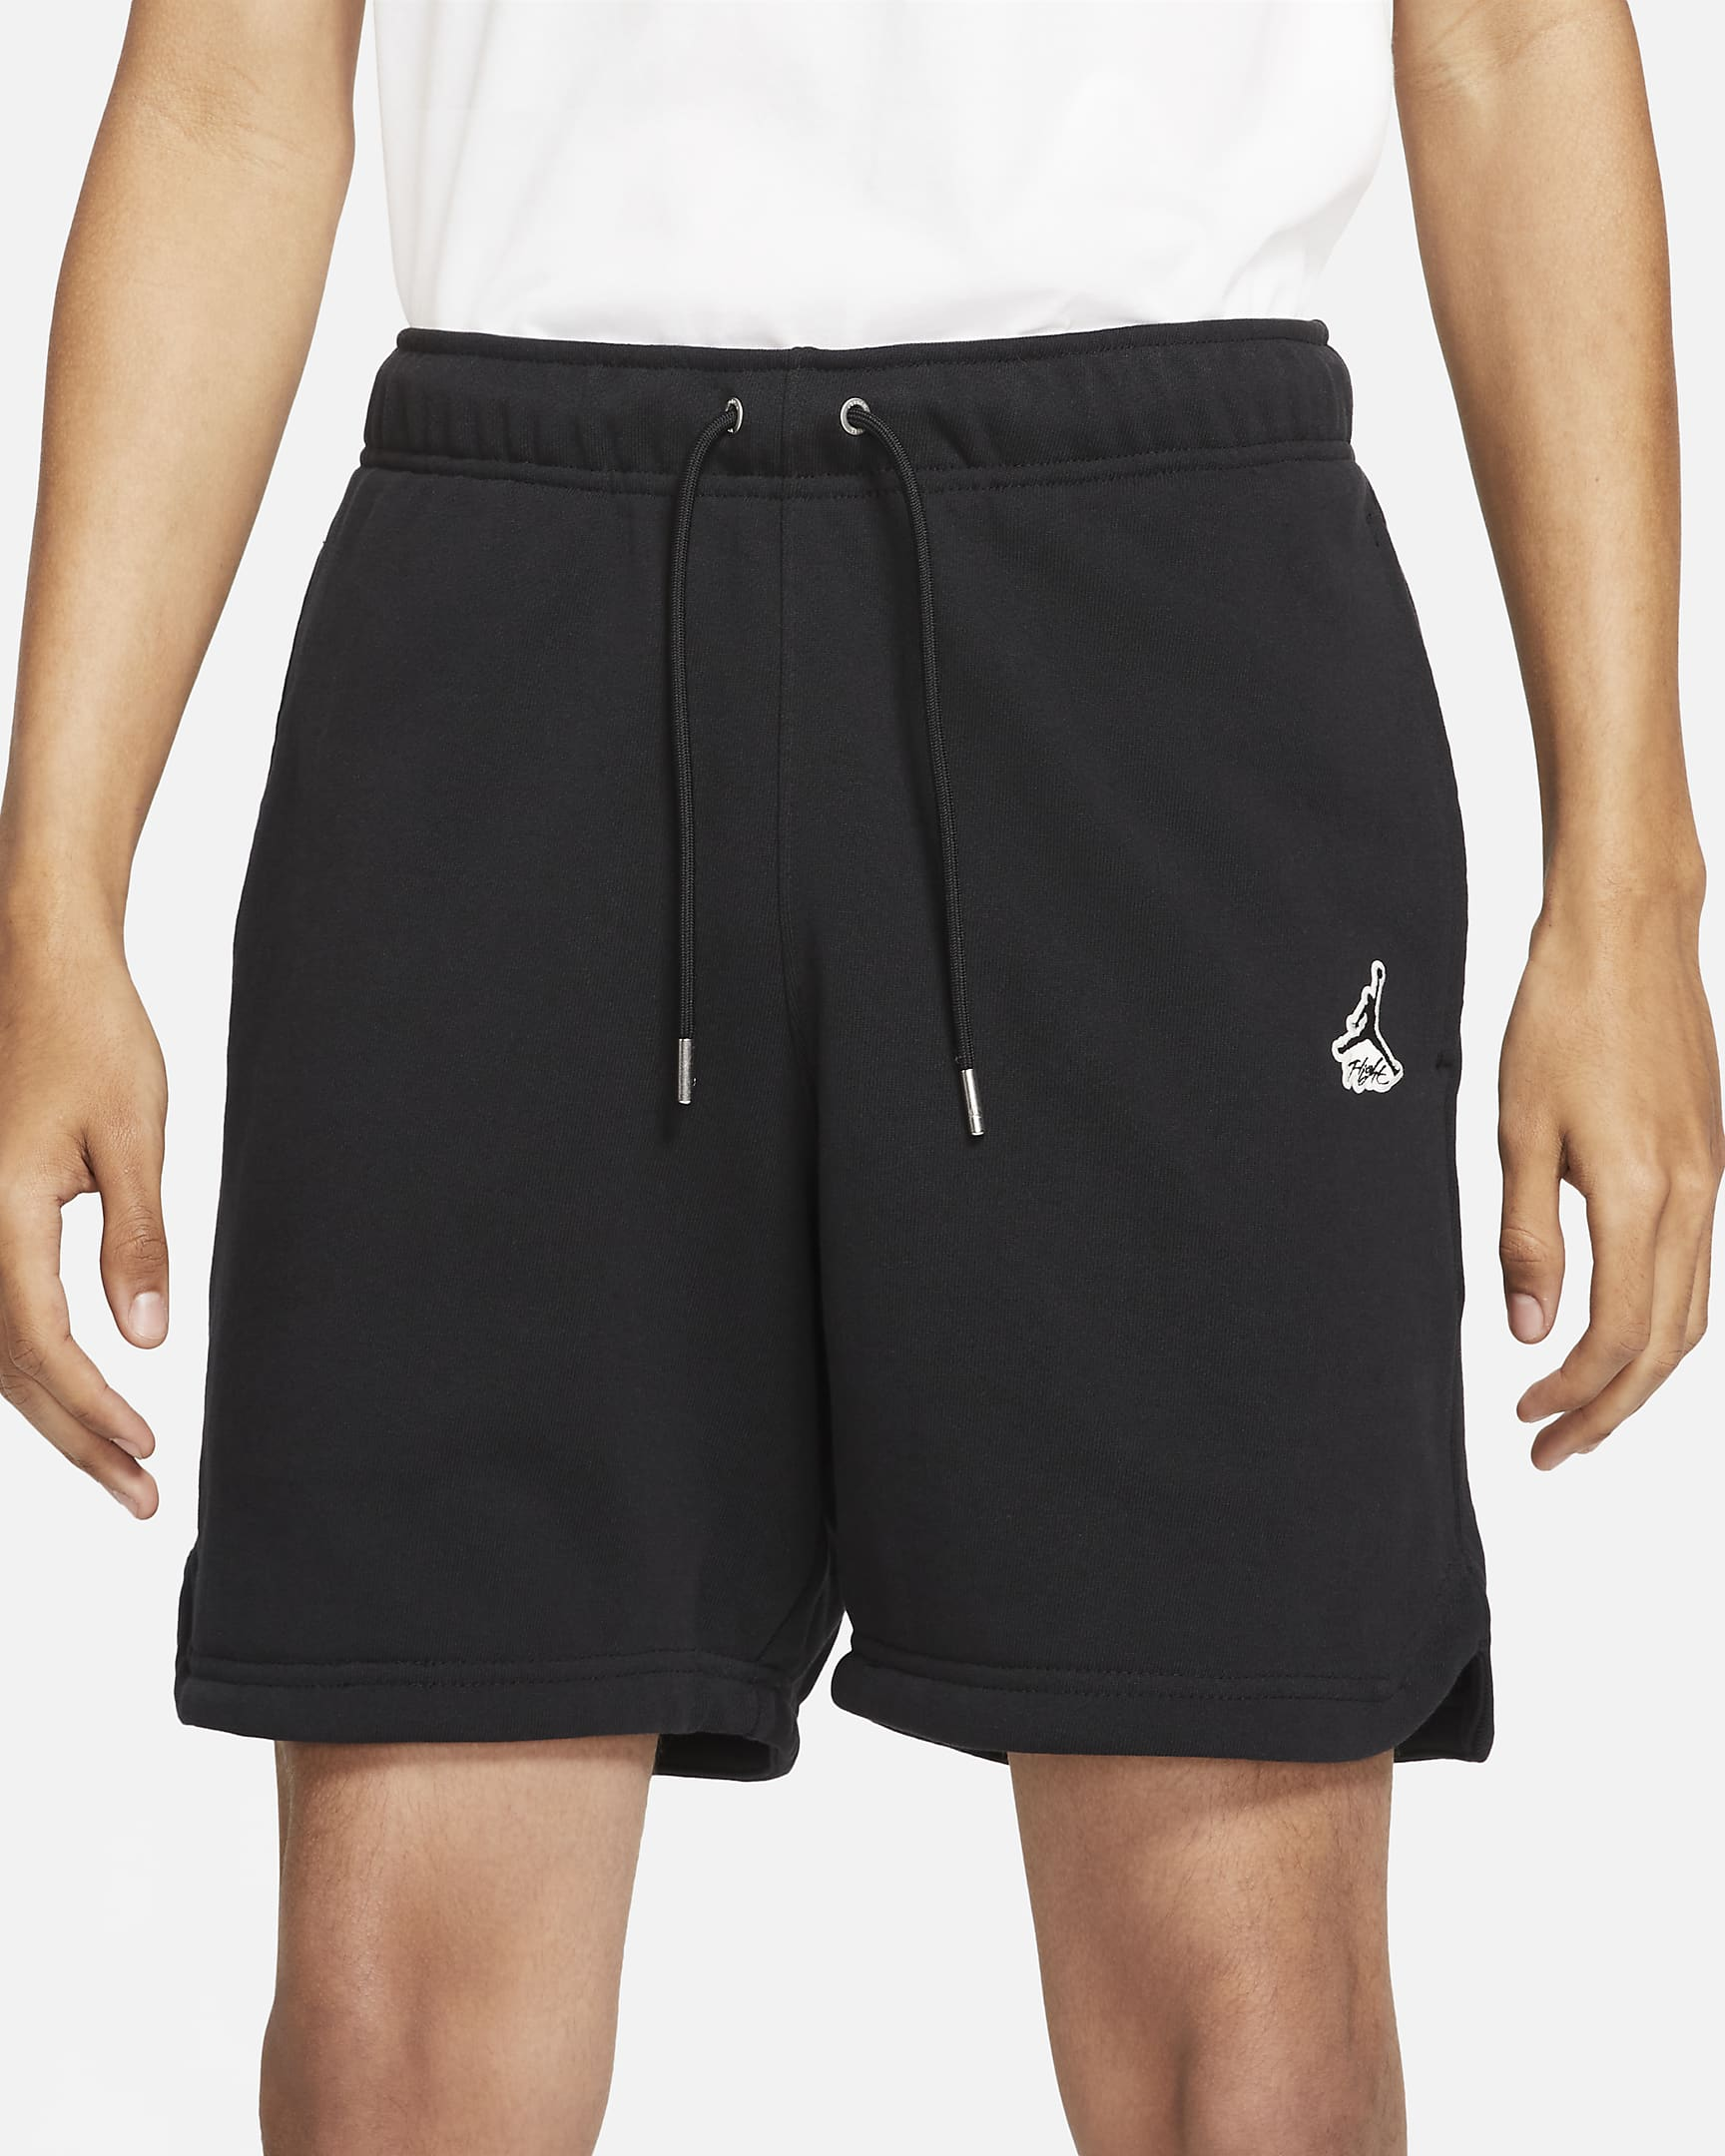 jordan-essentials-mens-fleece-shorts-4n8vC1.png